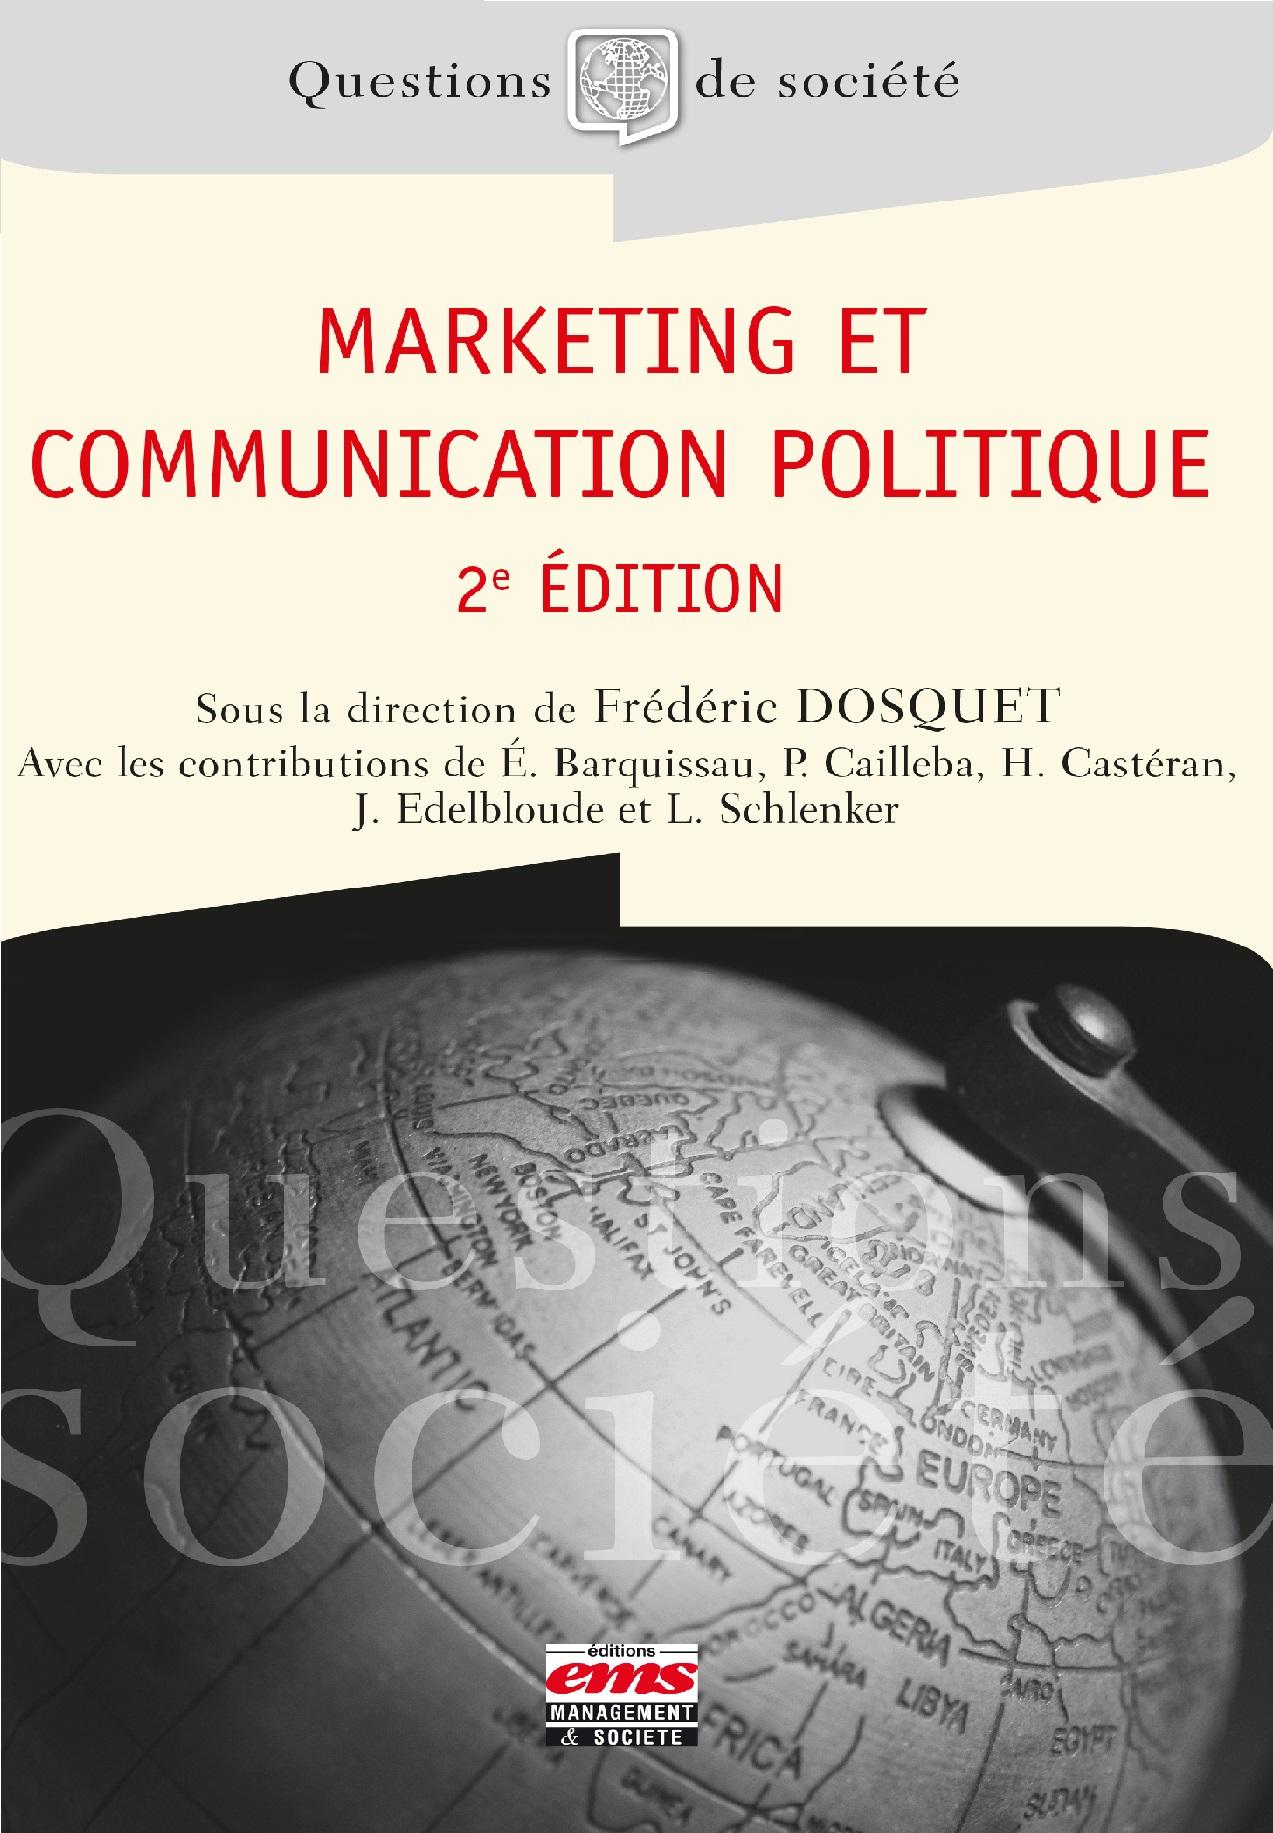 Marketing et communication politique - 2e édition (2017)